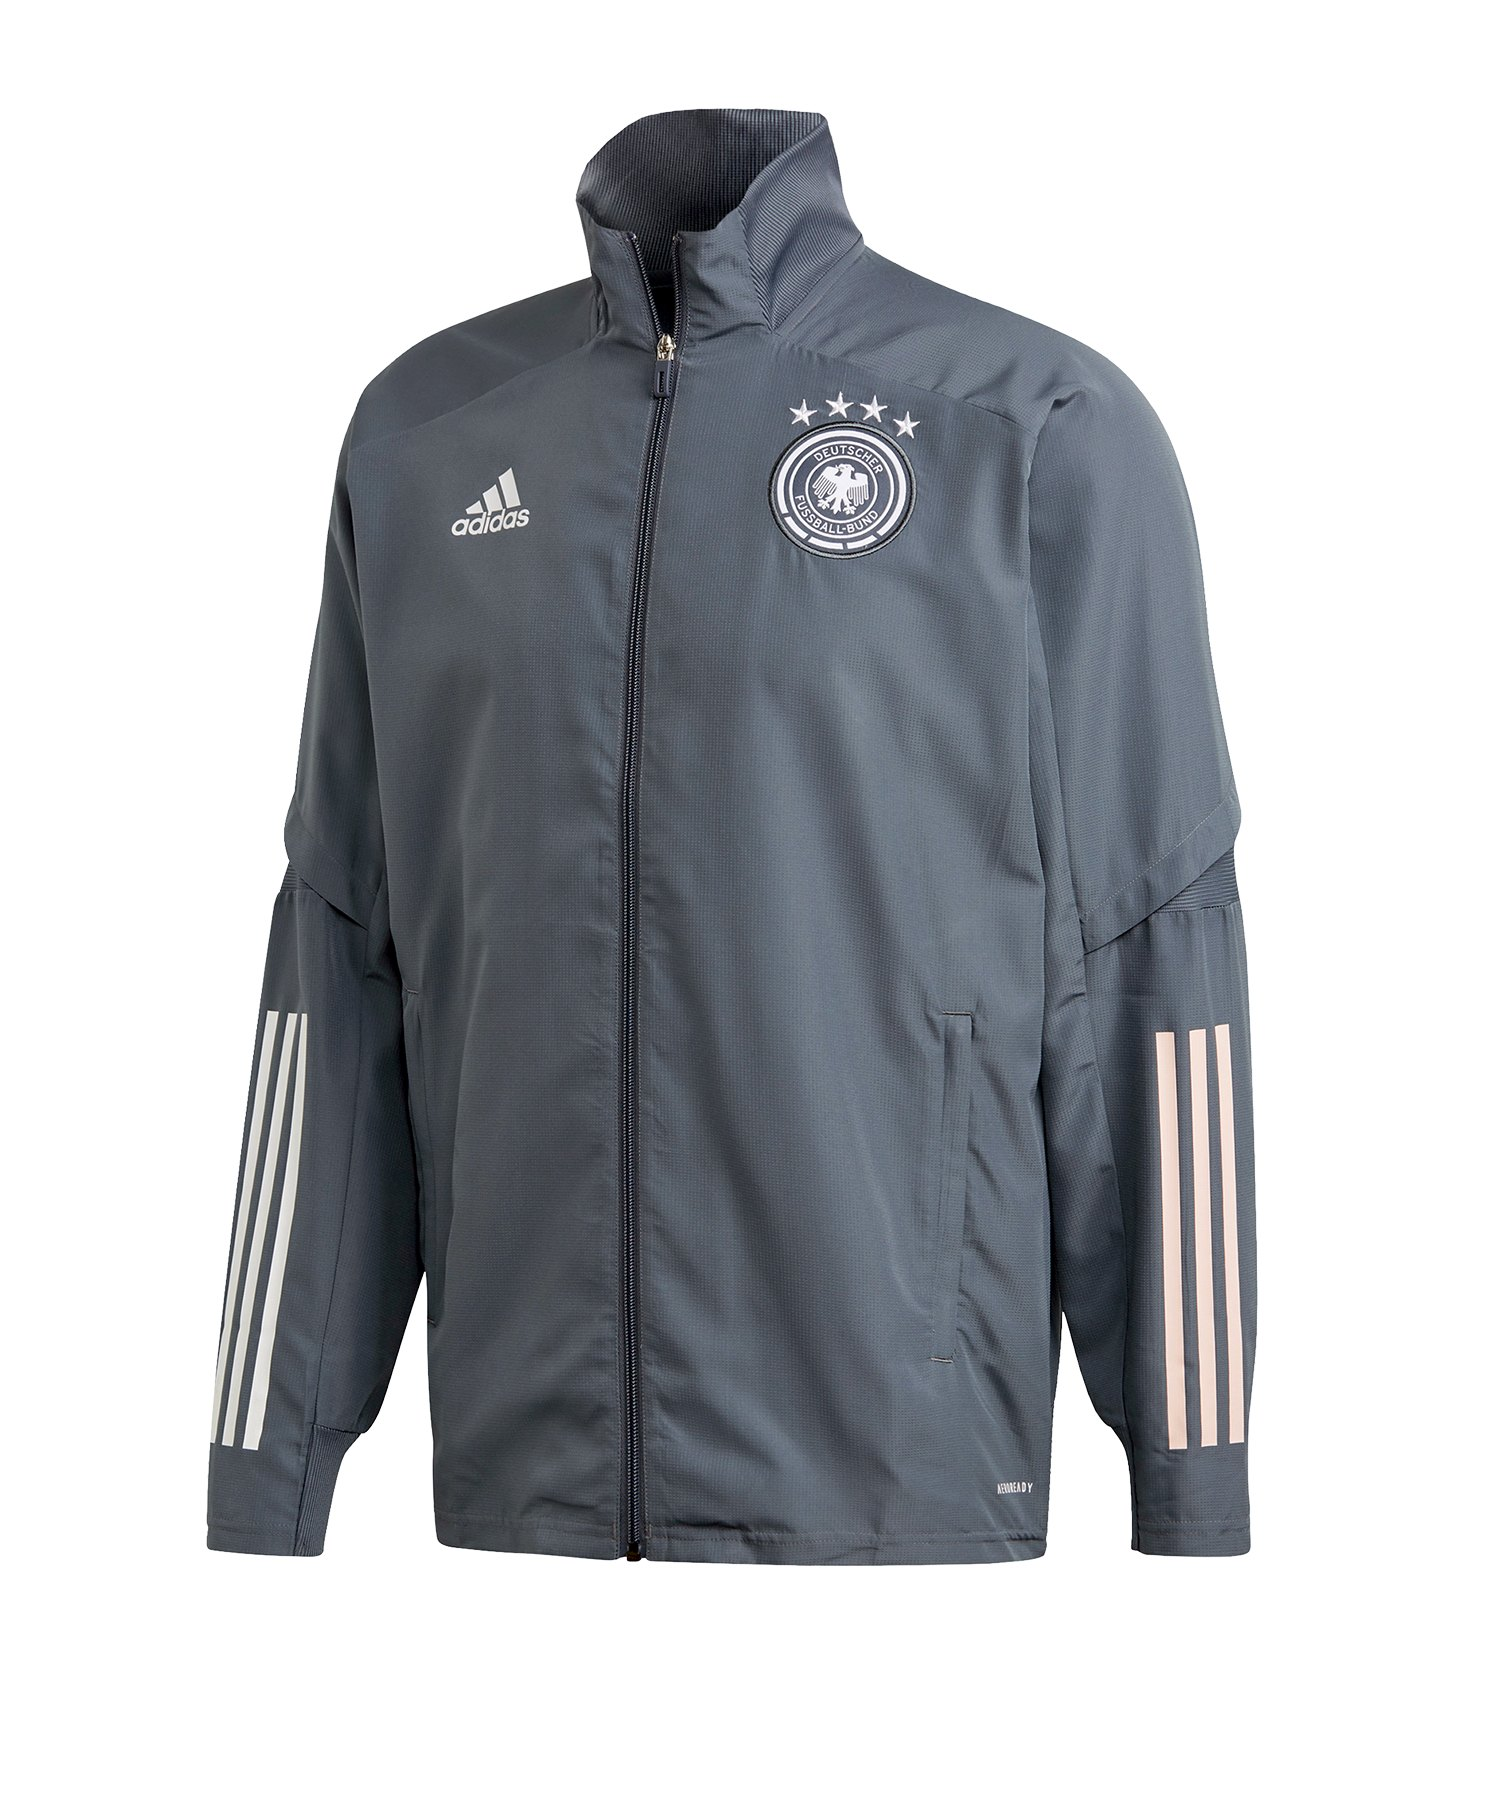 adidas dfb deutschland z.n.e jacke woven schwarz